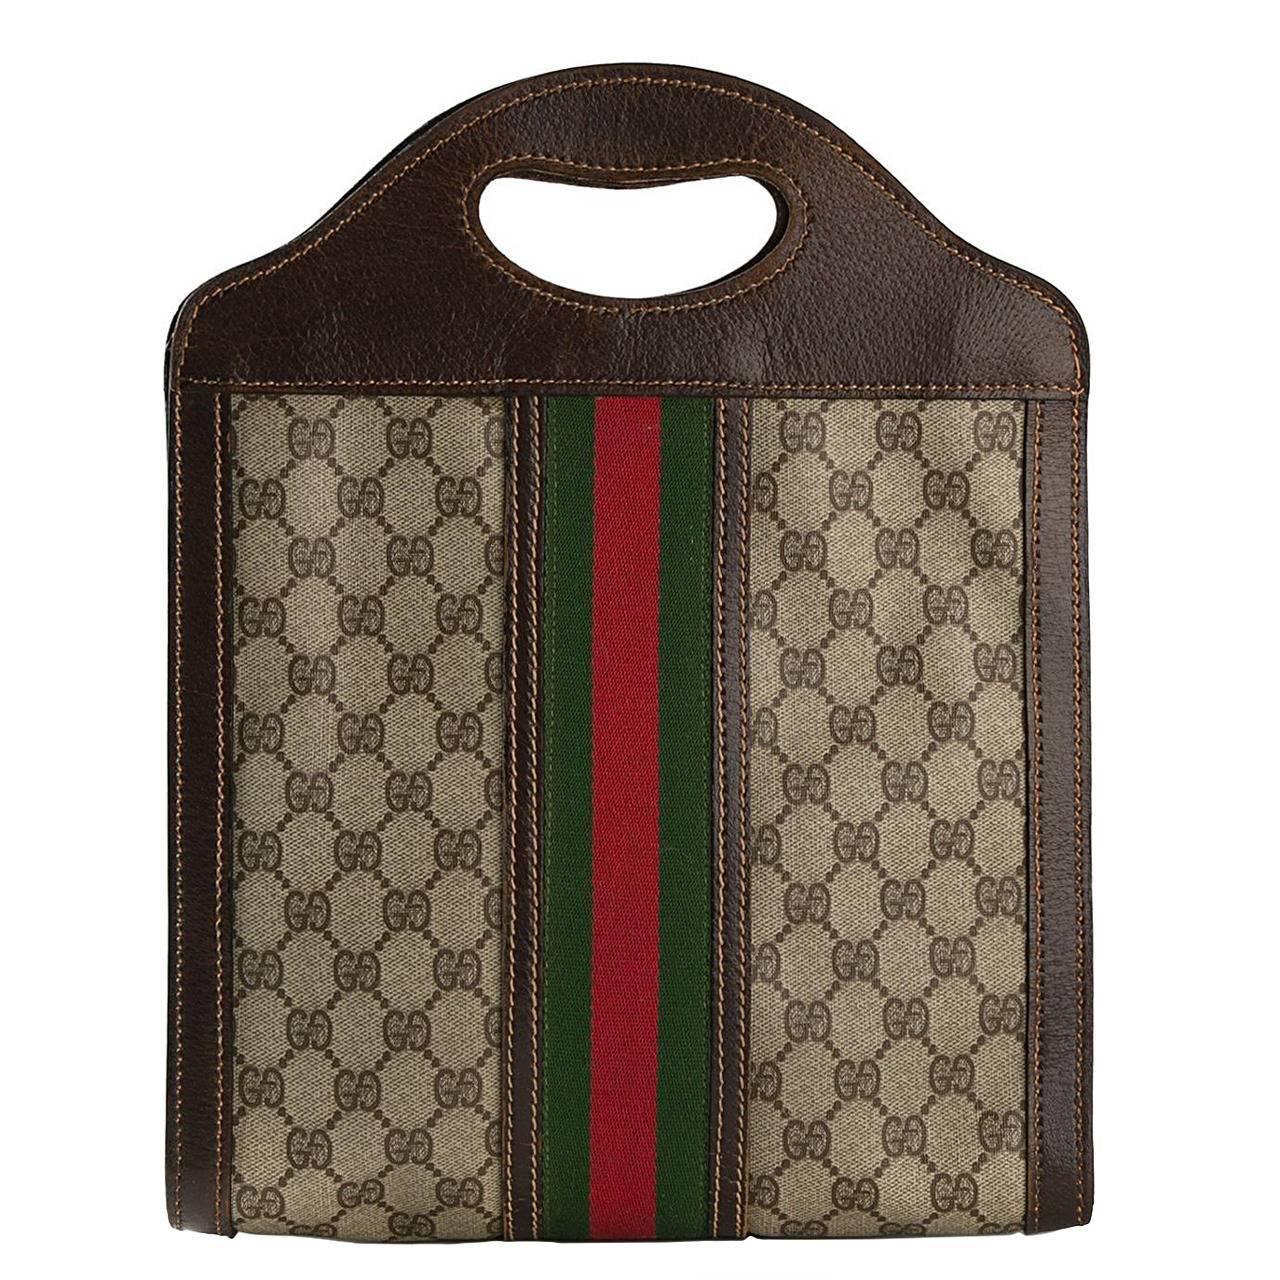 1970s Gucci Tote Bag At 1stdibs